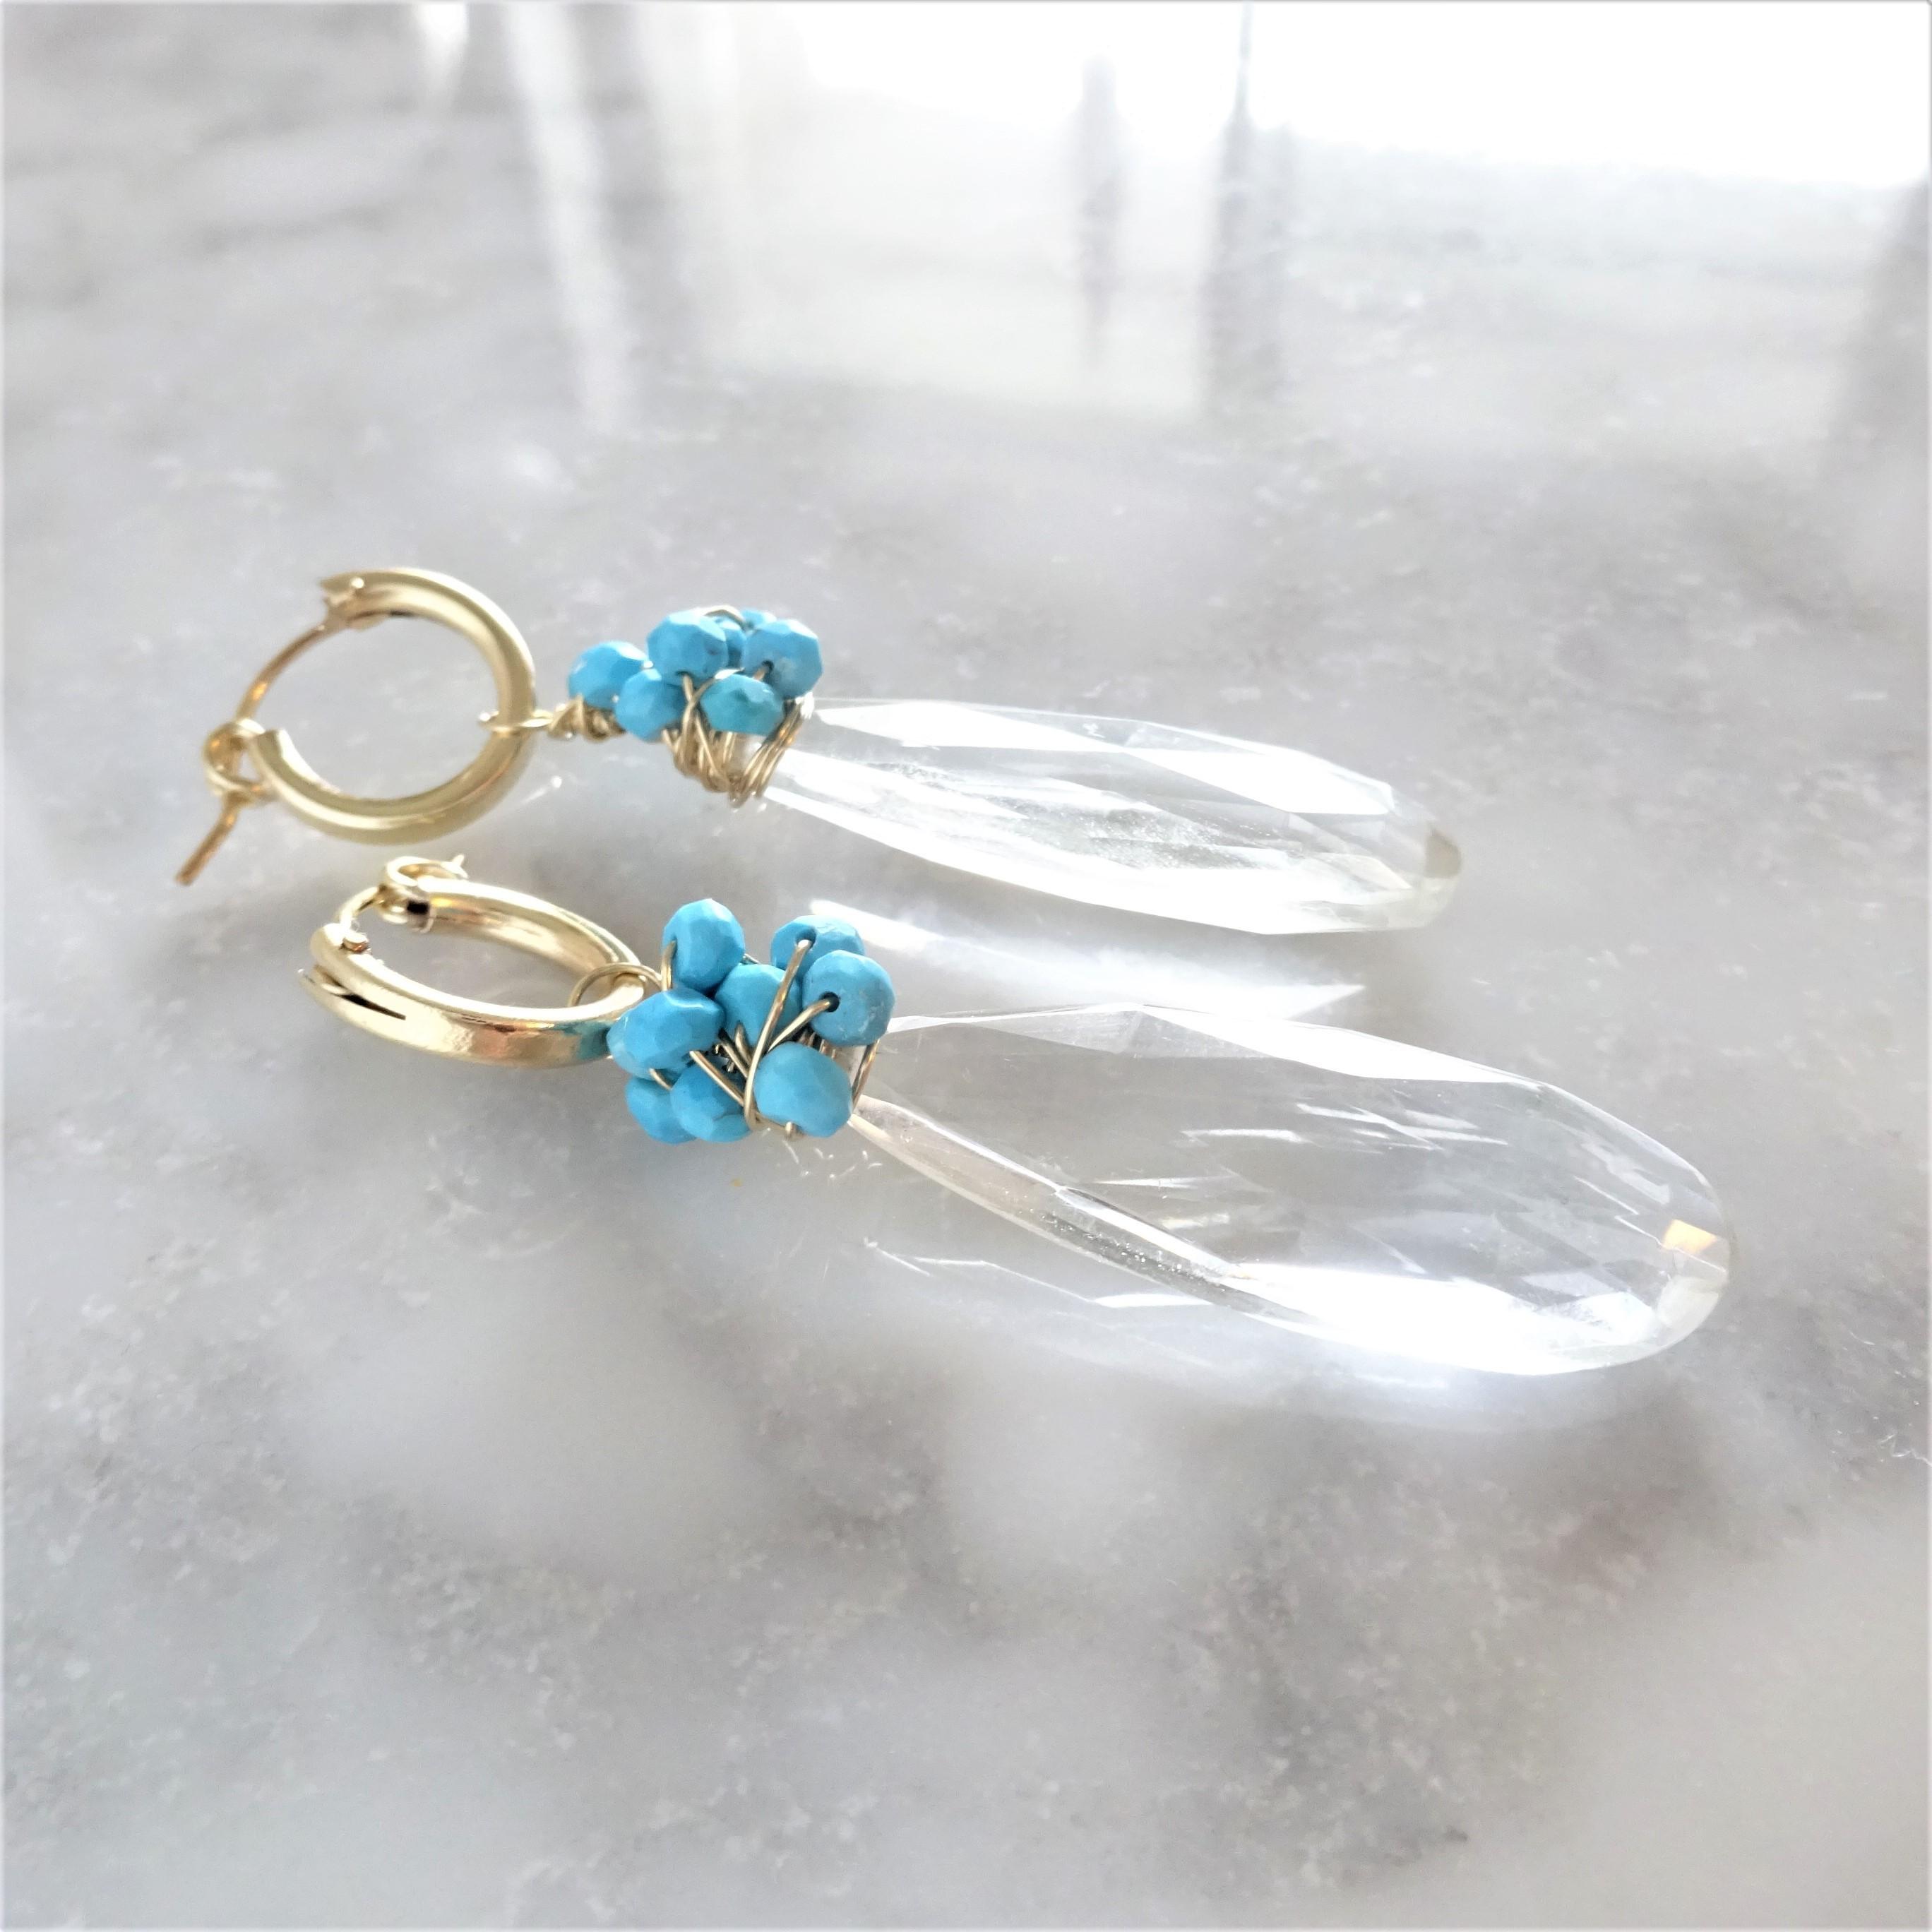 送料無料14kgf*Turquoise x Crystal Quartz pierced earring/earring